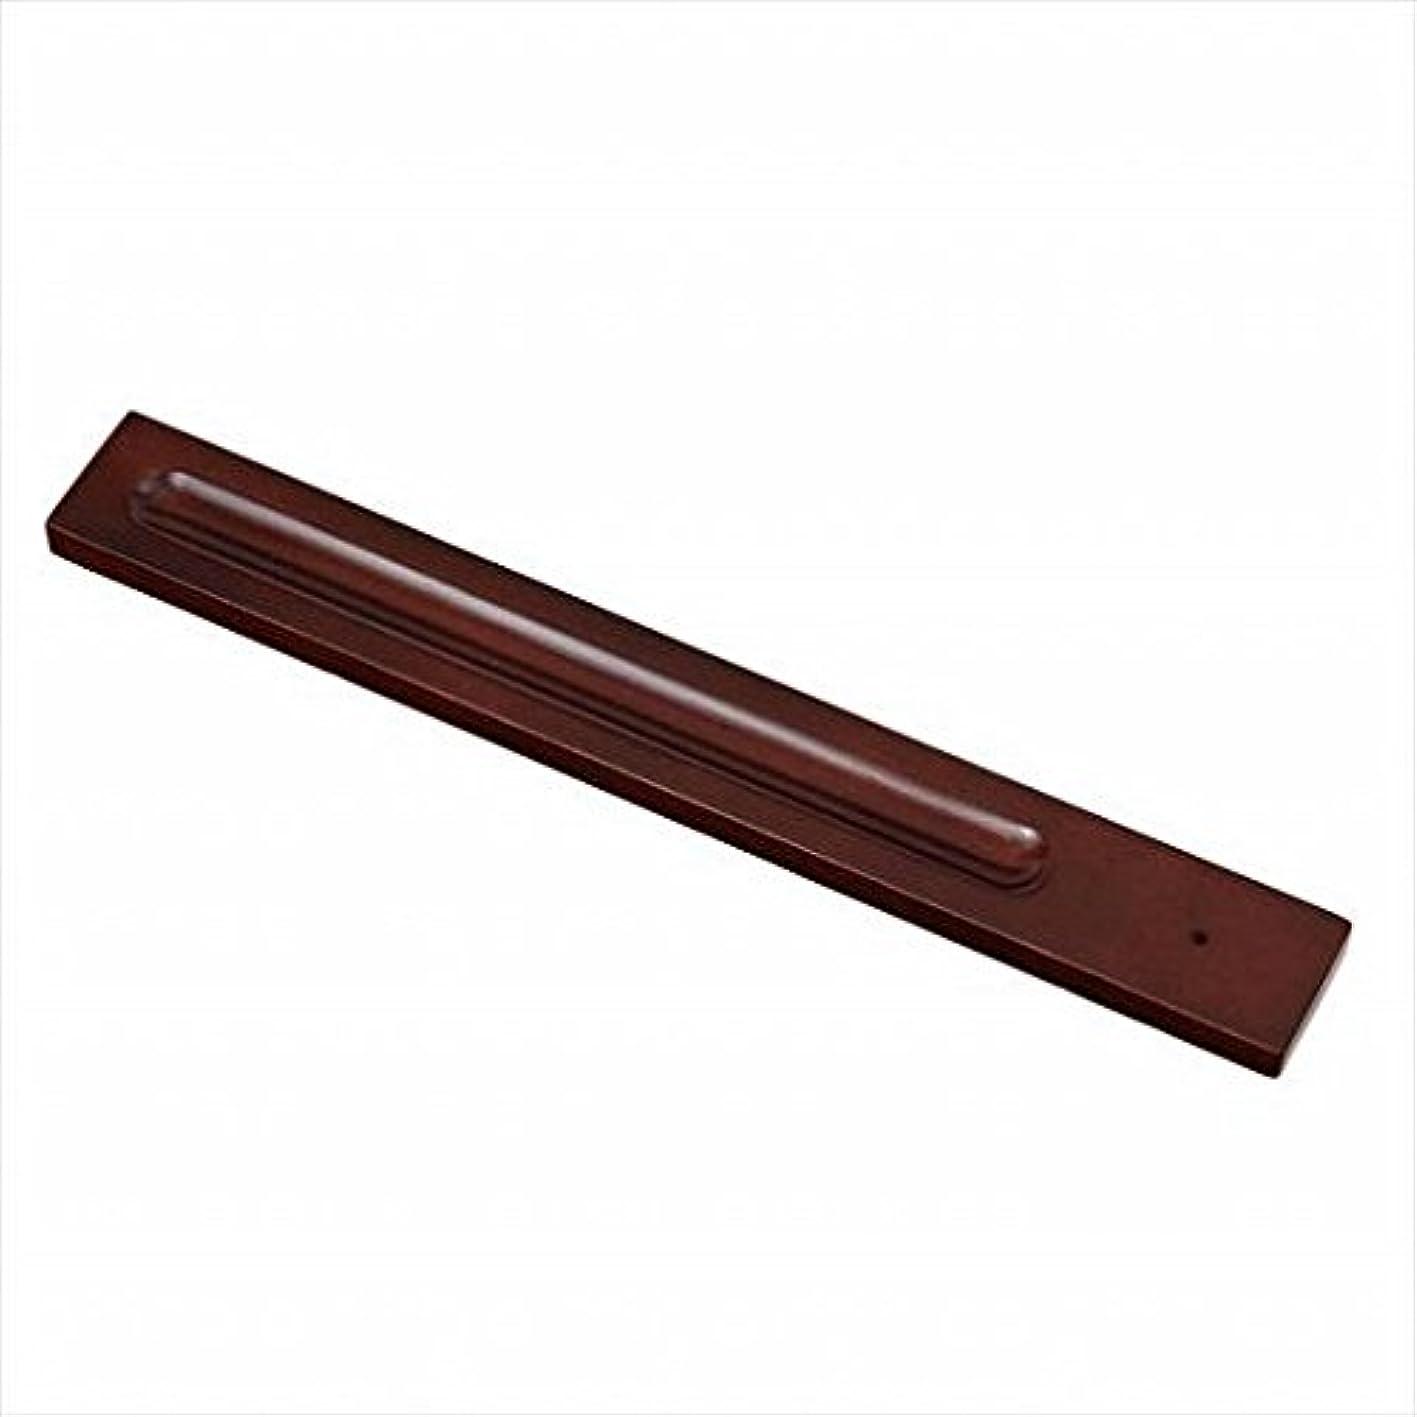 ウガンダ限られた敬意を表してkameyama candle(カメヤマキャンドル) バンブーインセンス用ホルダースクエア 「 ブラウン 」 キャンドル 30x246x9mm (E3130000BR)